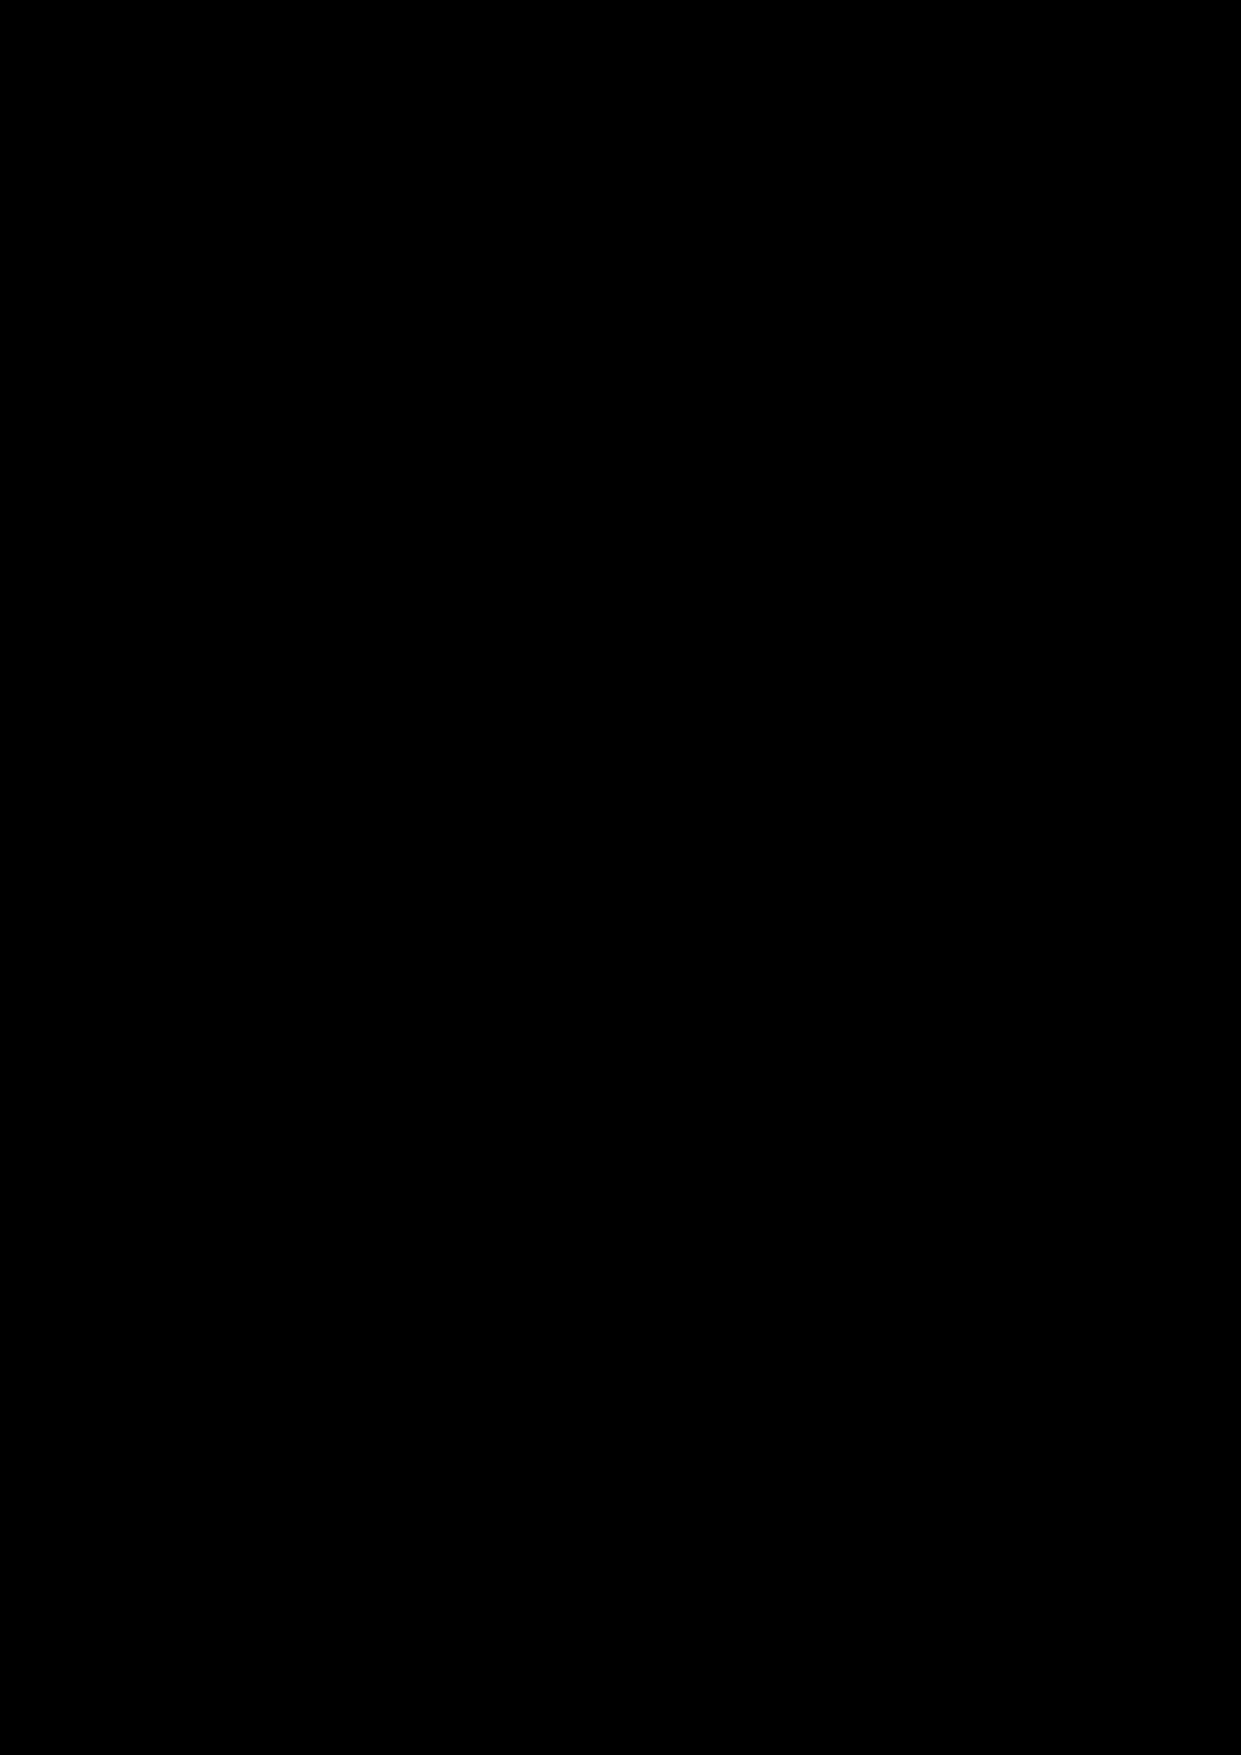 2016 BioInfoSummer